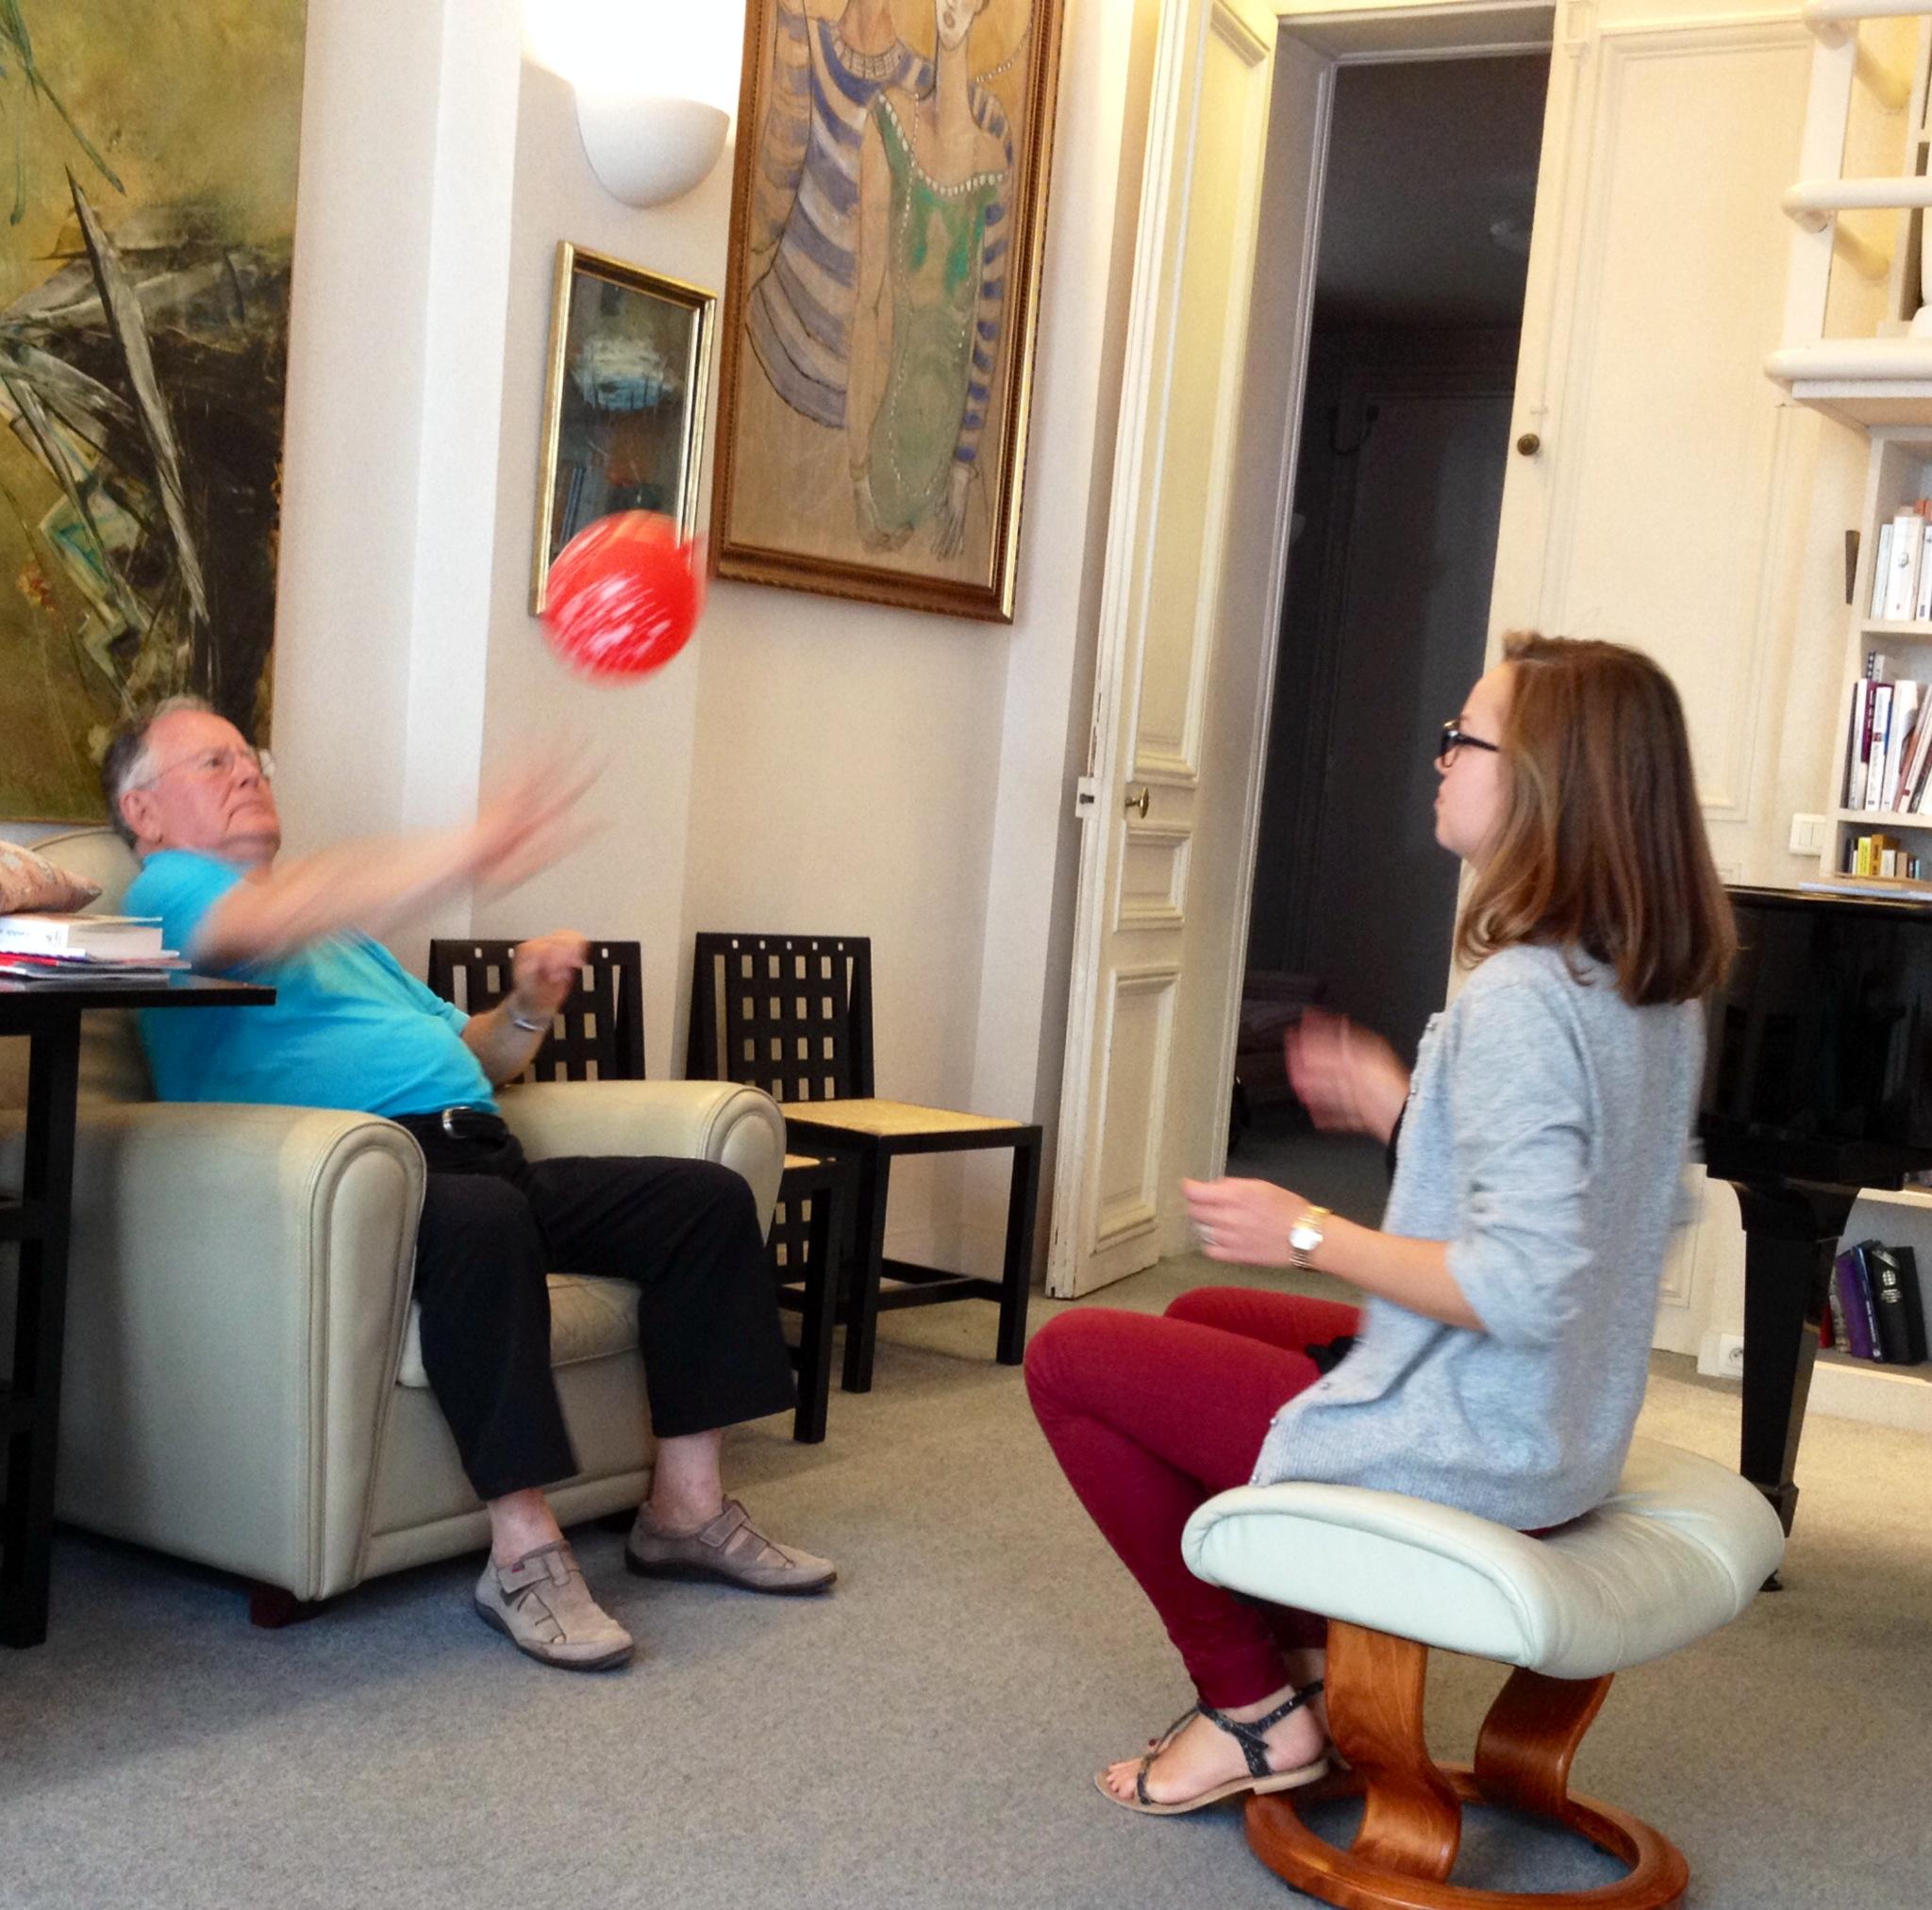 jeux d 39 int rieur et d 39 ext rieurbien vivre avec alzheimer. Black Bedroom Furniture Sets. Home Design Ideas